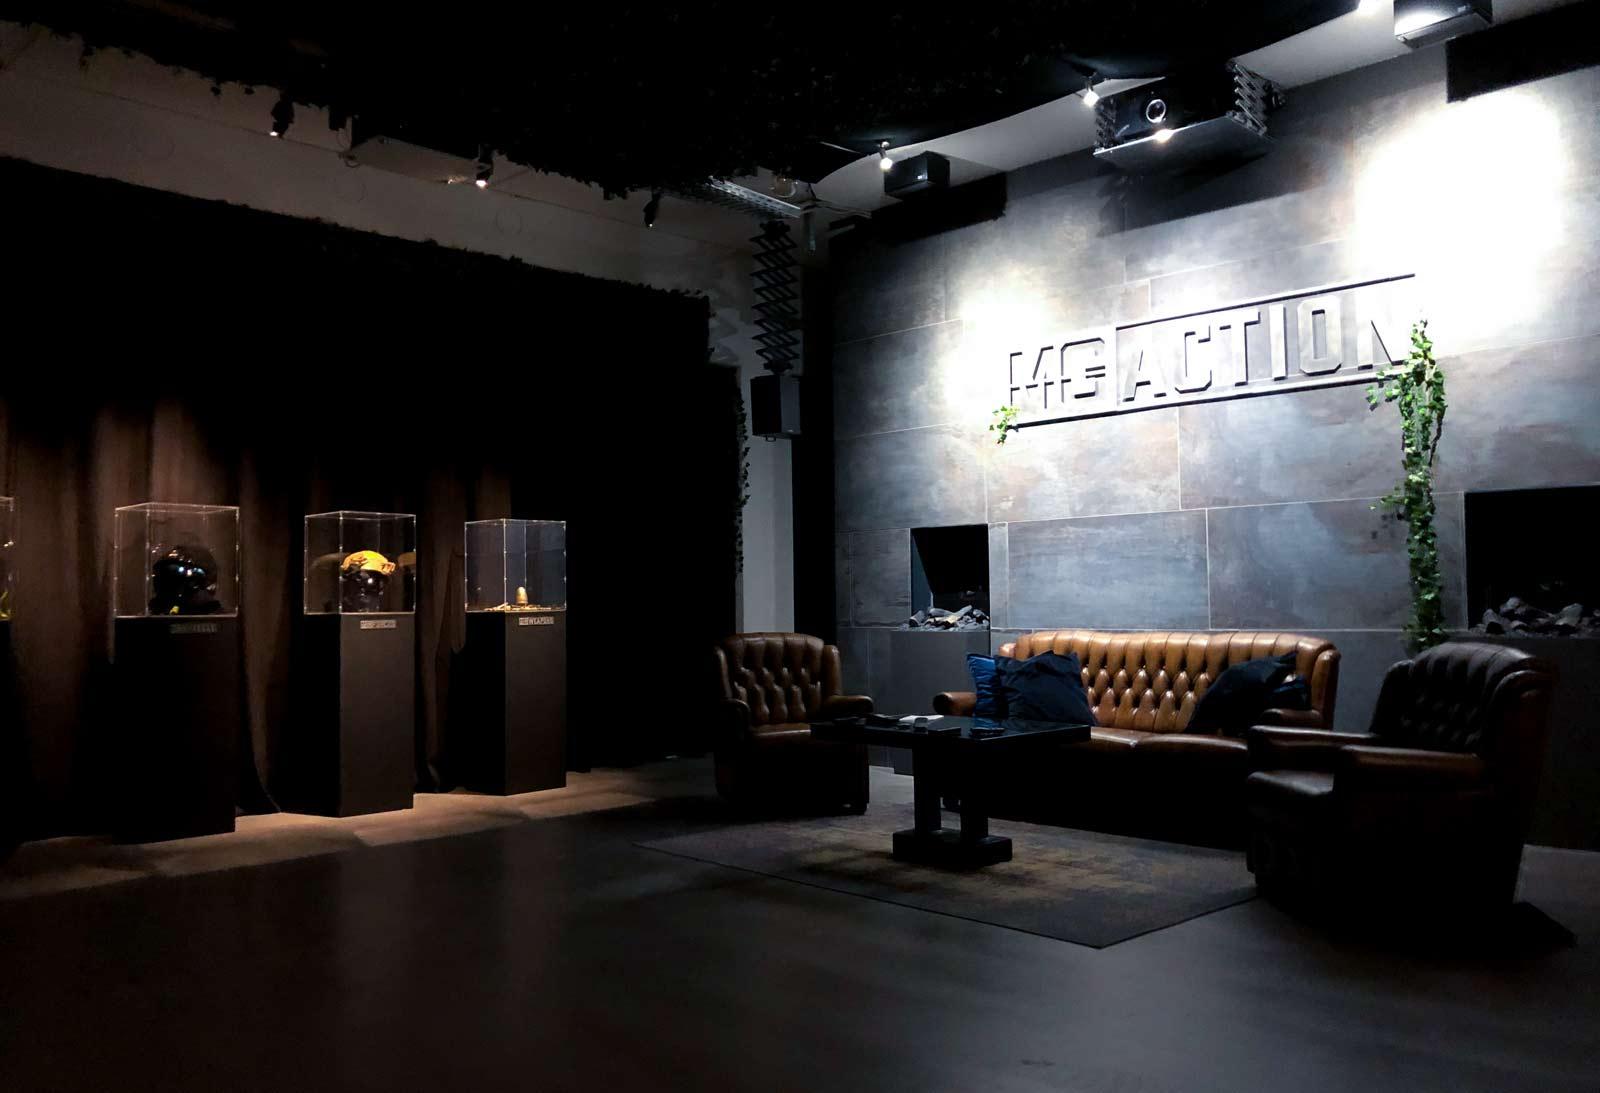 mg action, martin Goeres, full action service, stunts und spezialeffekte deutschland, berlin, lounge